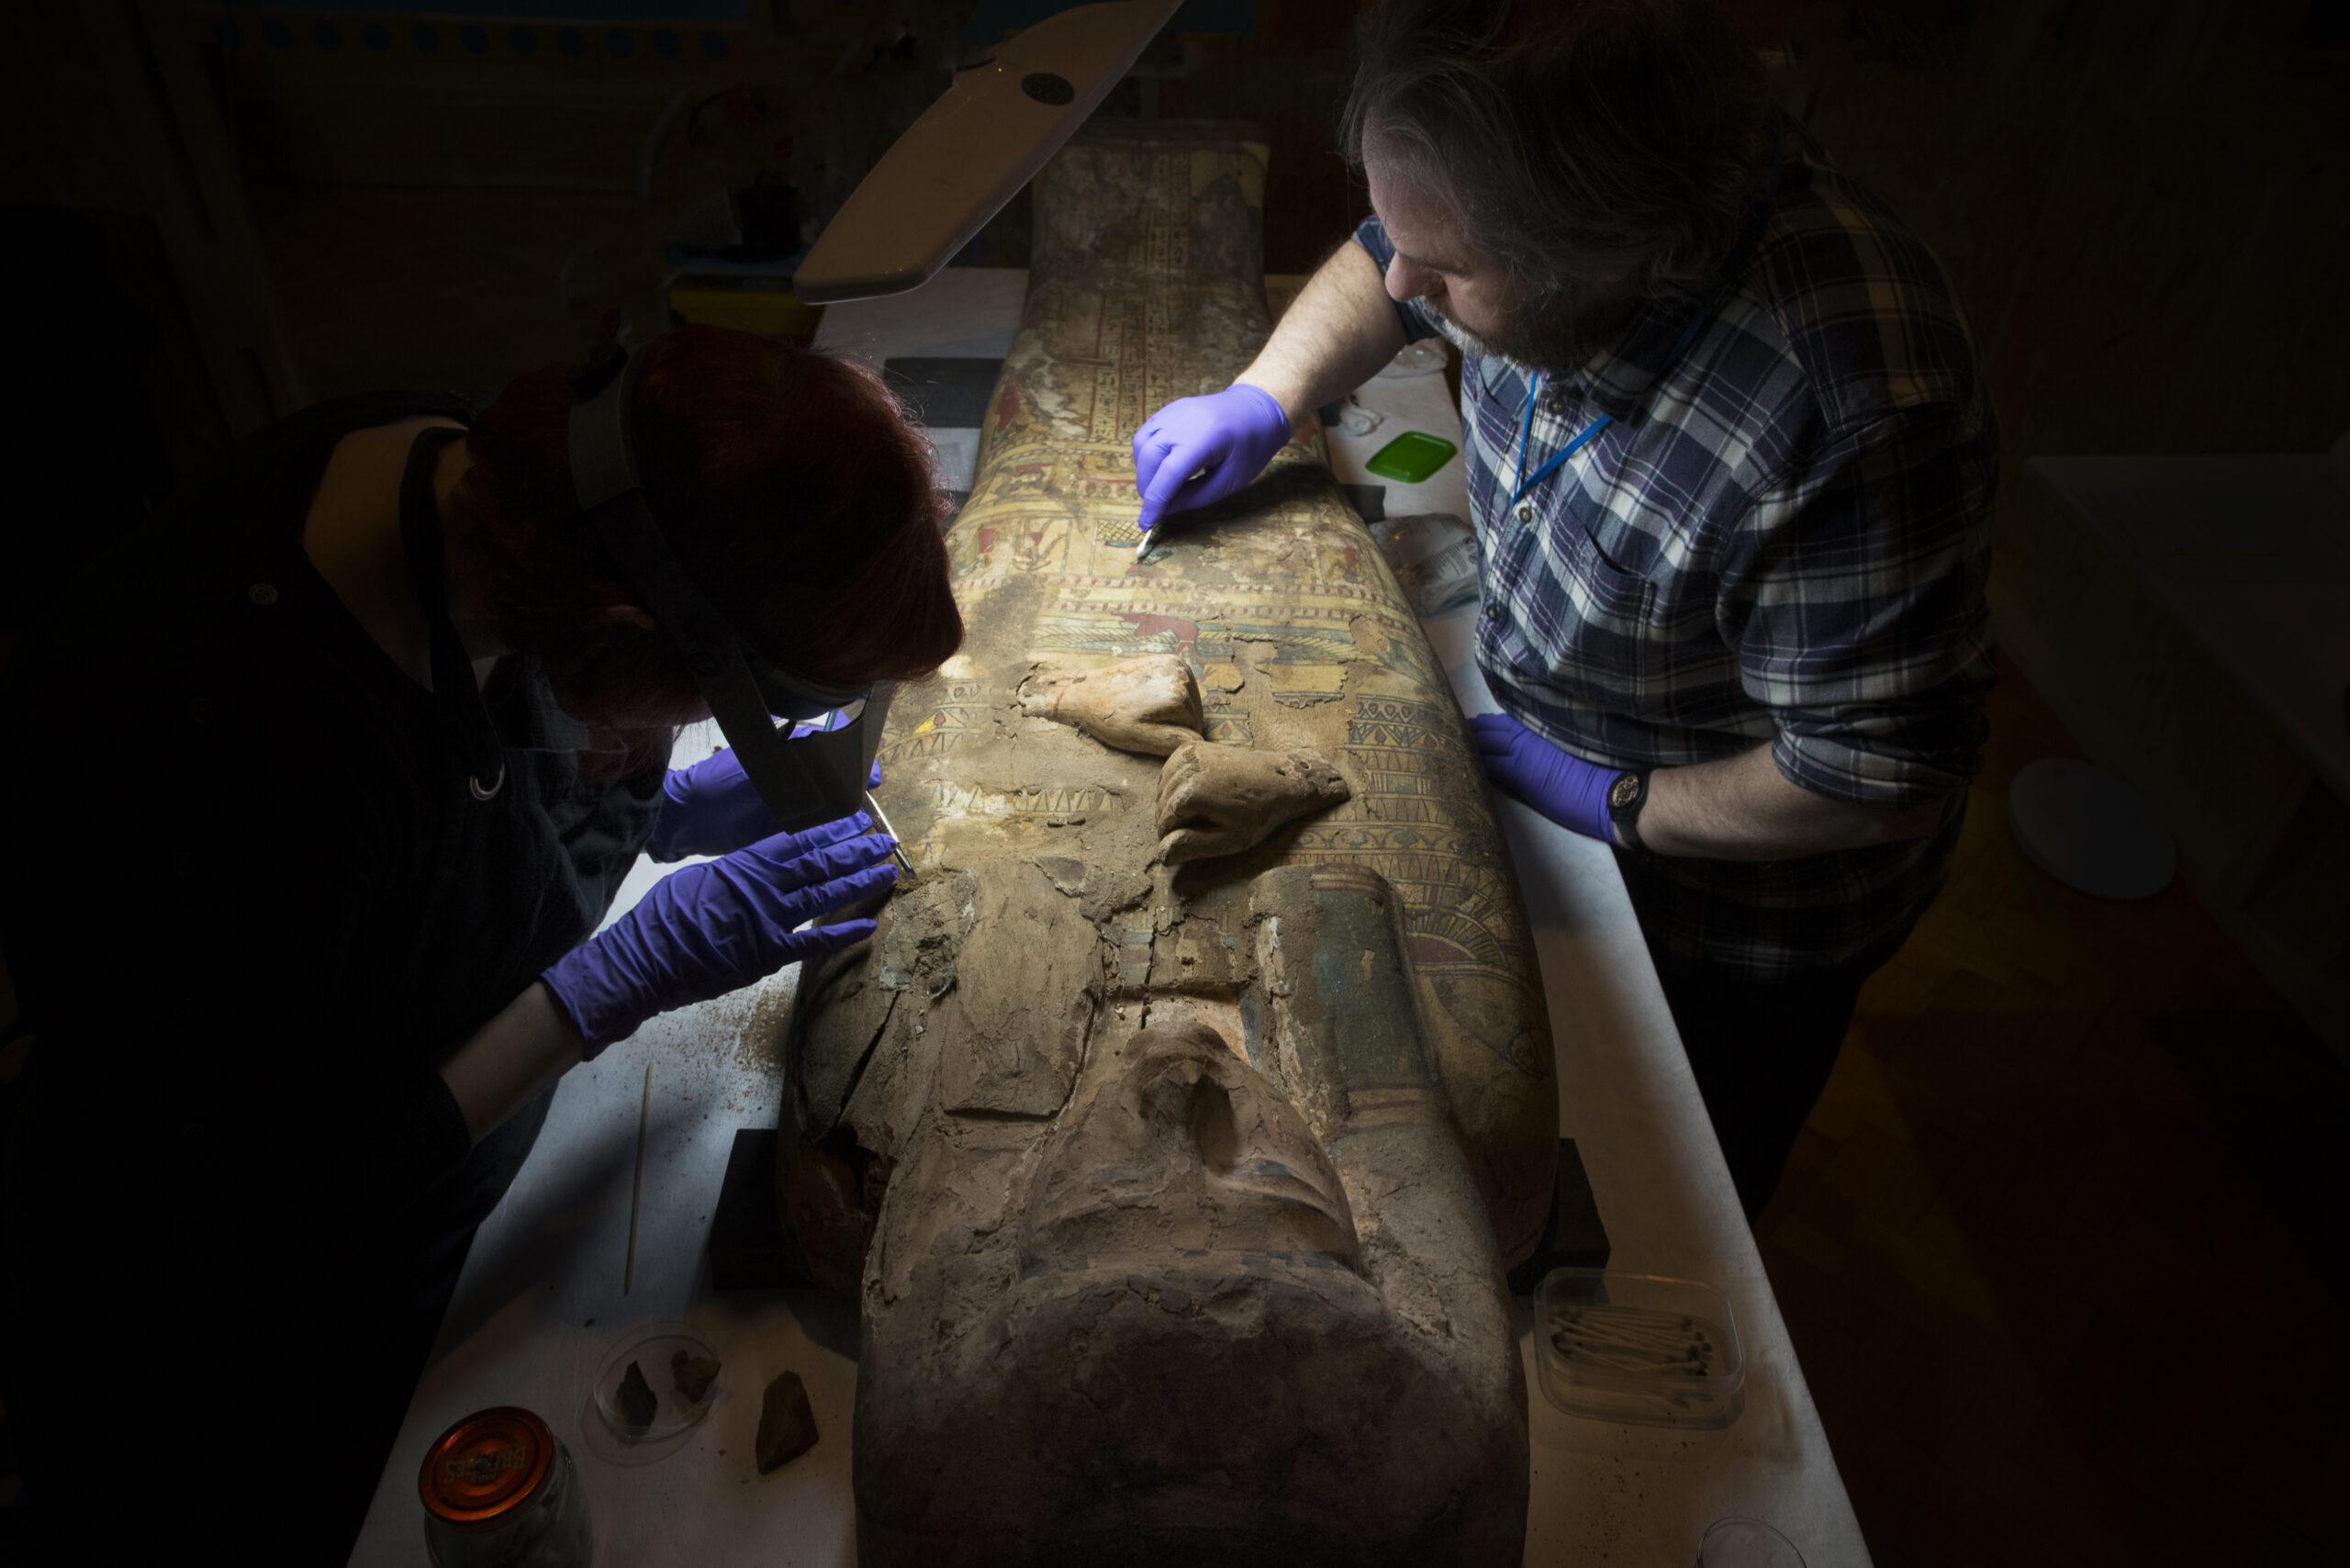 Внутри 3000-летнего египетского саркофага обнаружили рисунки